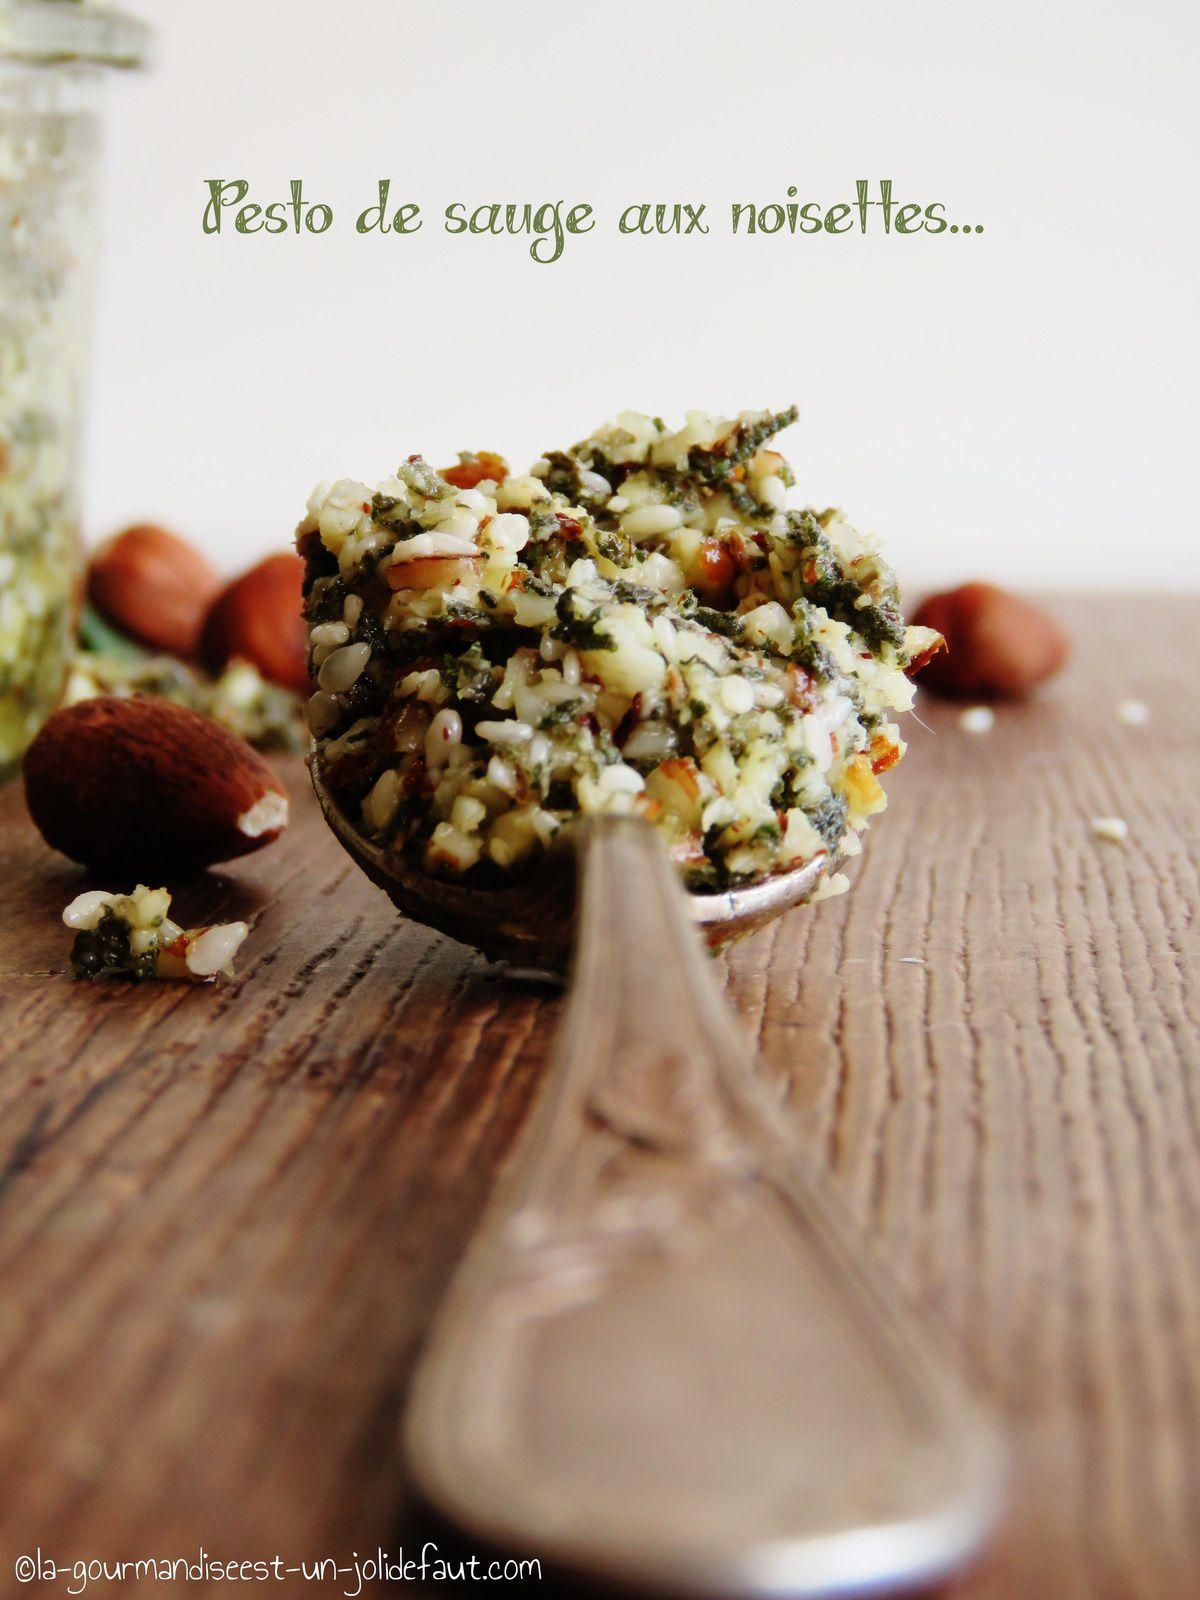 Pesto de sauge aux noisettes